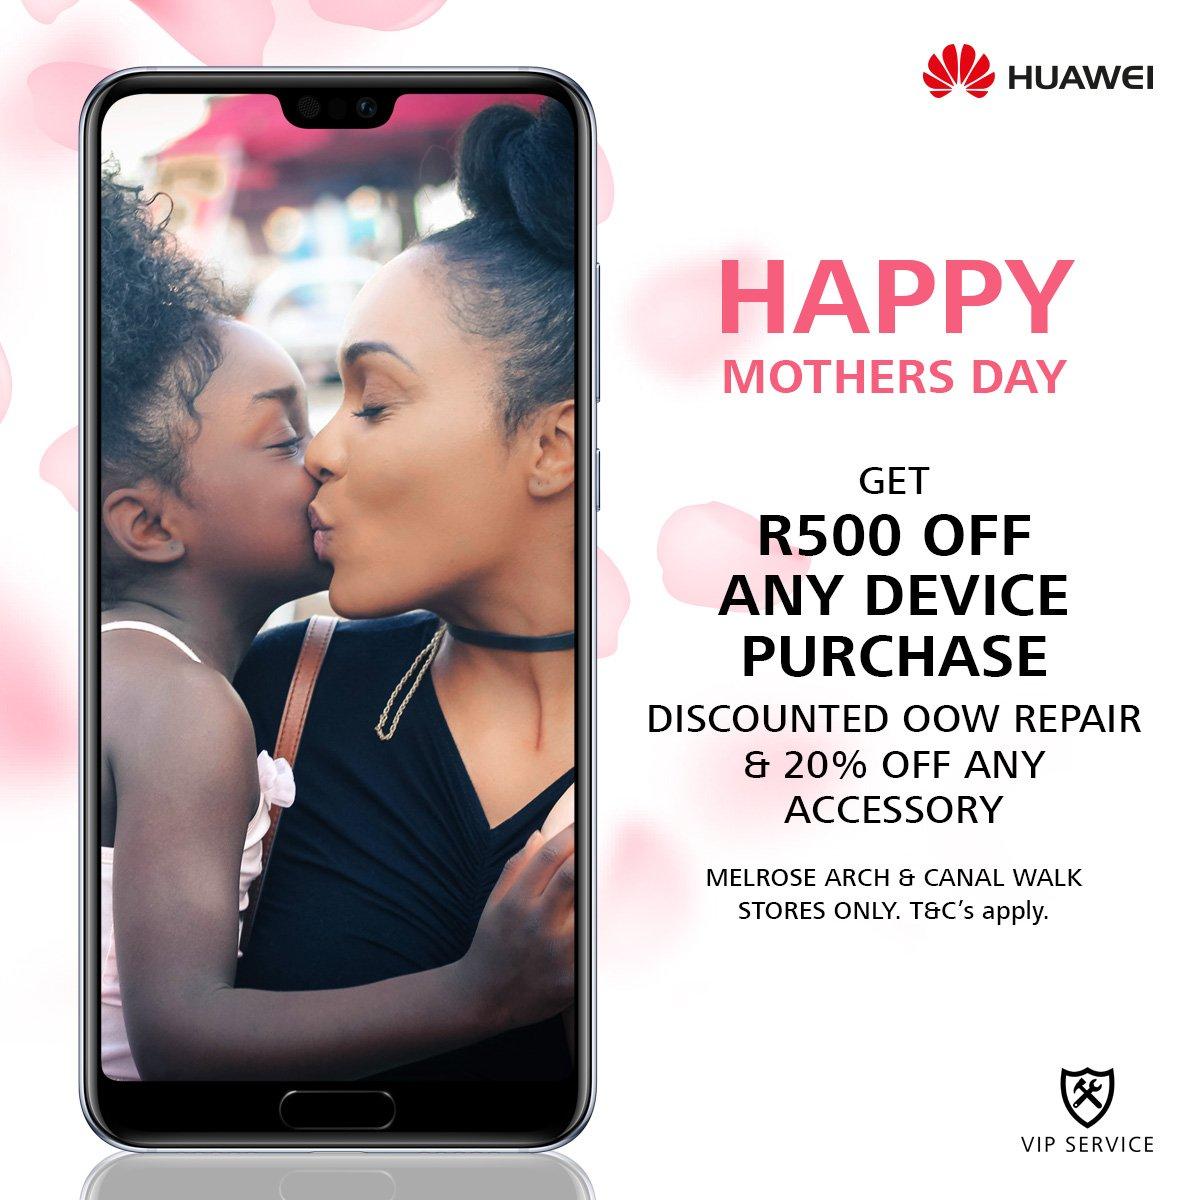 Huawei Mobile SA on Twitter: